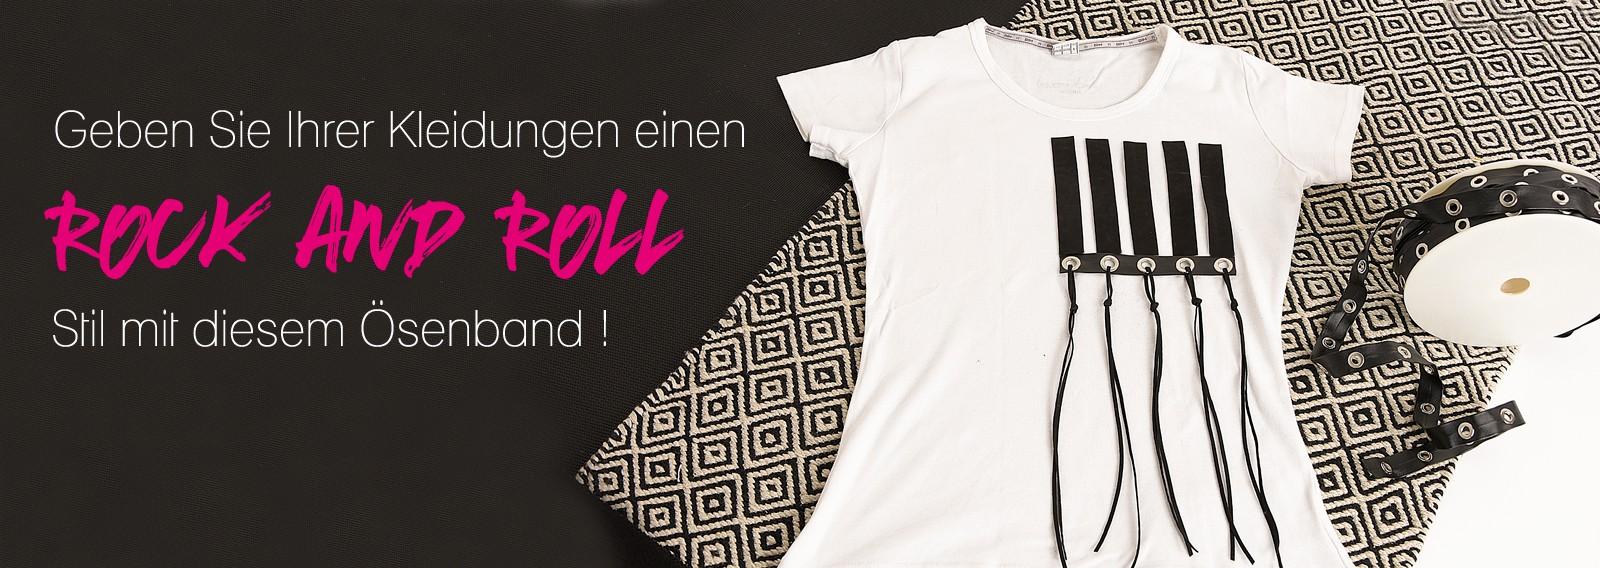 Geben Sie Ihrer Kleidungen einen Rock and Roll Stil mit diesem Ösenband !